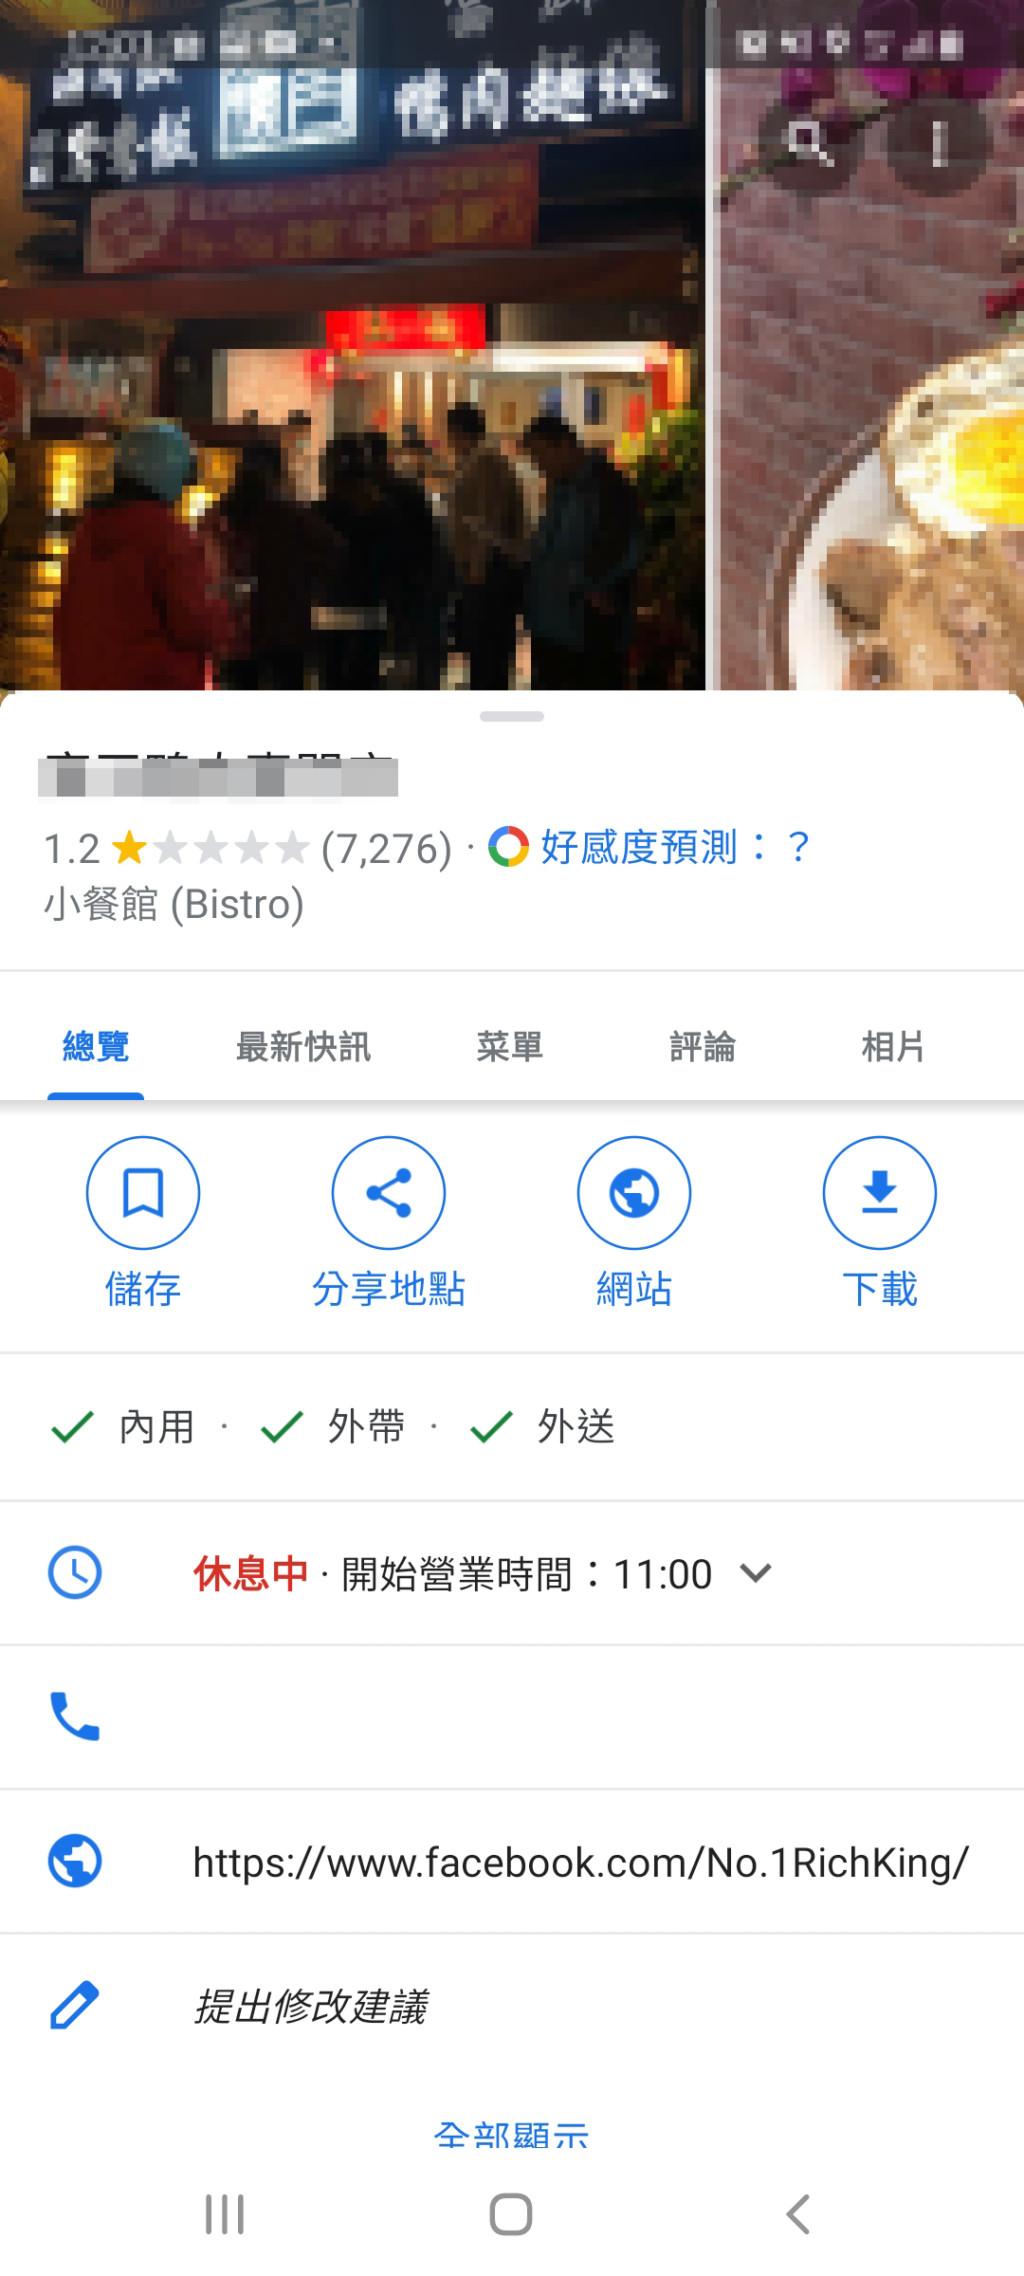 台中鴨肉店遭爆辱女外送員 店員嗆「沒被打過嗎」熊貓發聲了!